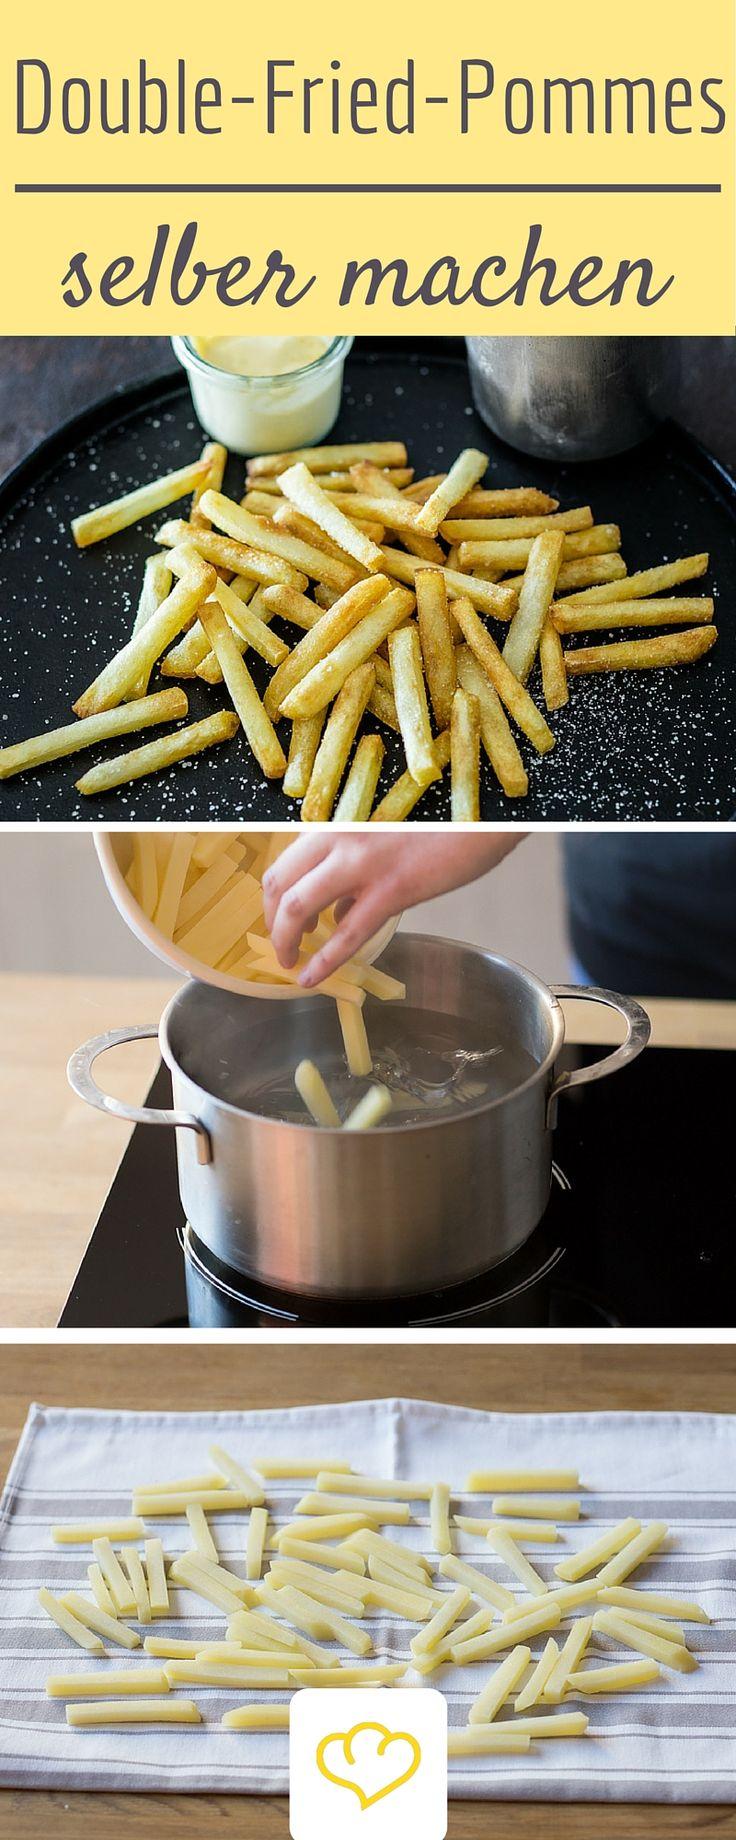 Das beste Pommes Rezept aller Zeiten: dank doppeltem Frittieren werden sie perfekt!